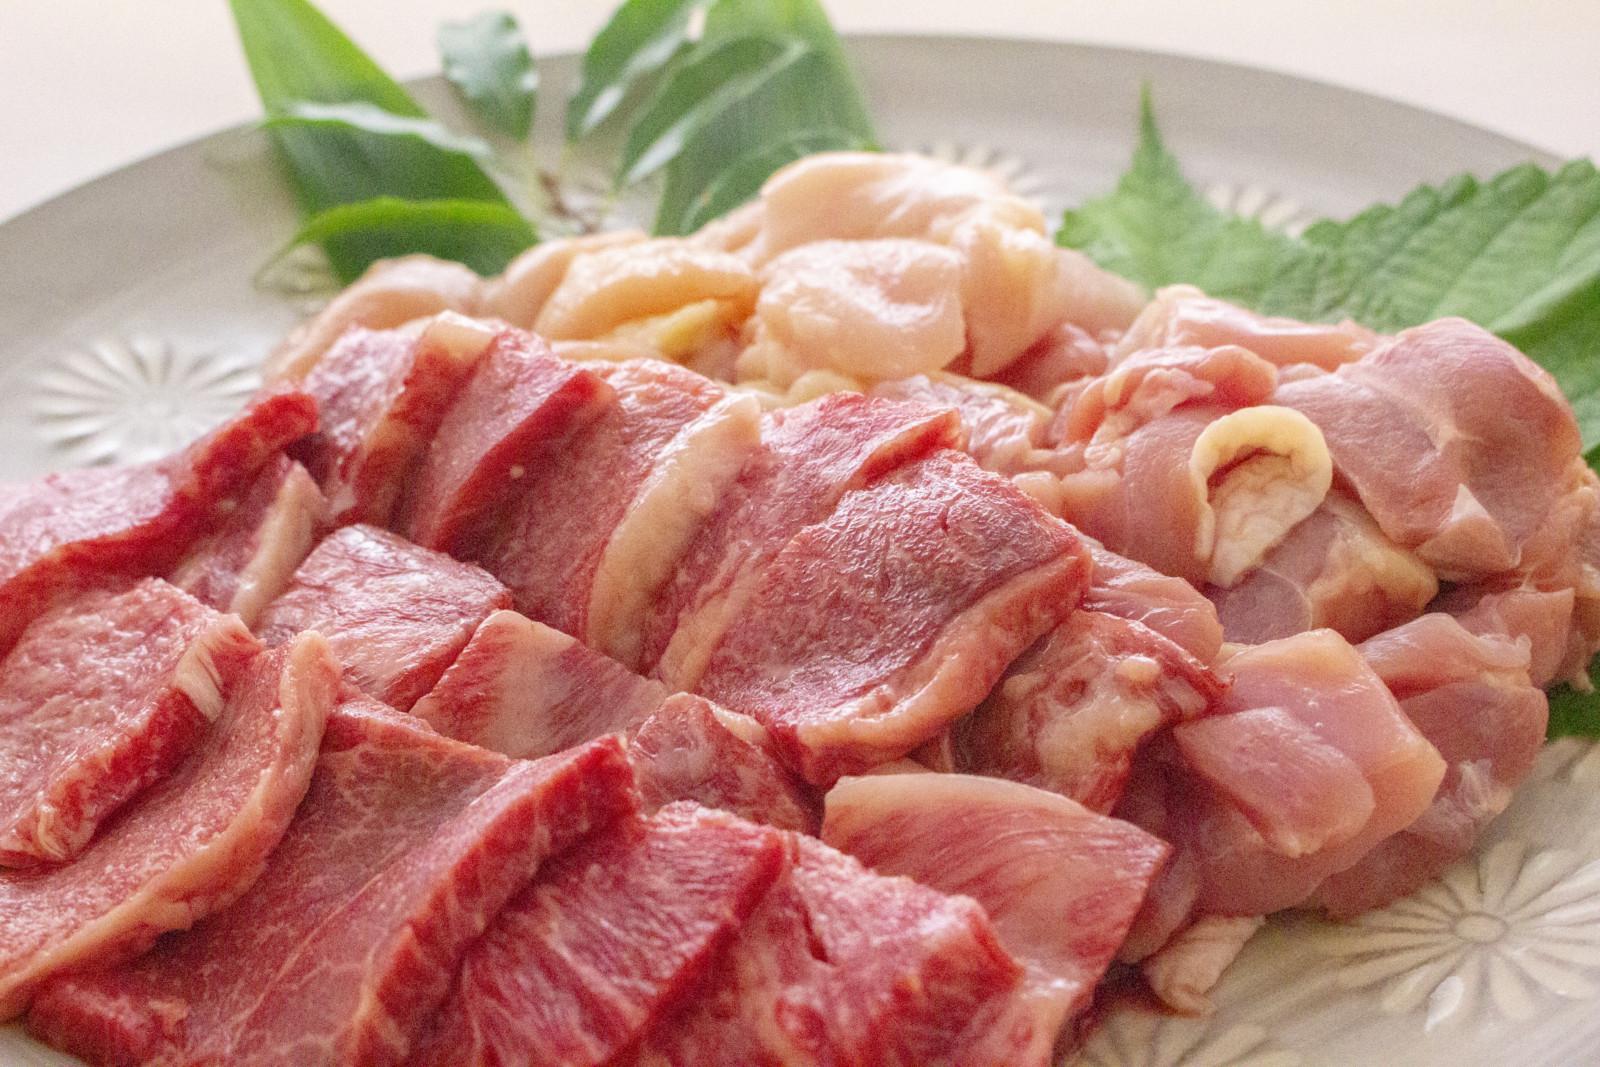 【謝肉祭セット】大川黒牛と土佐はちきん地鶏